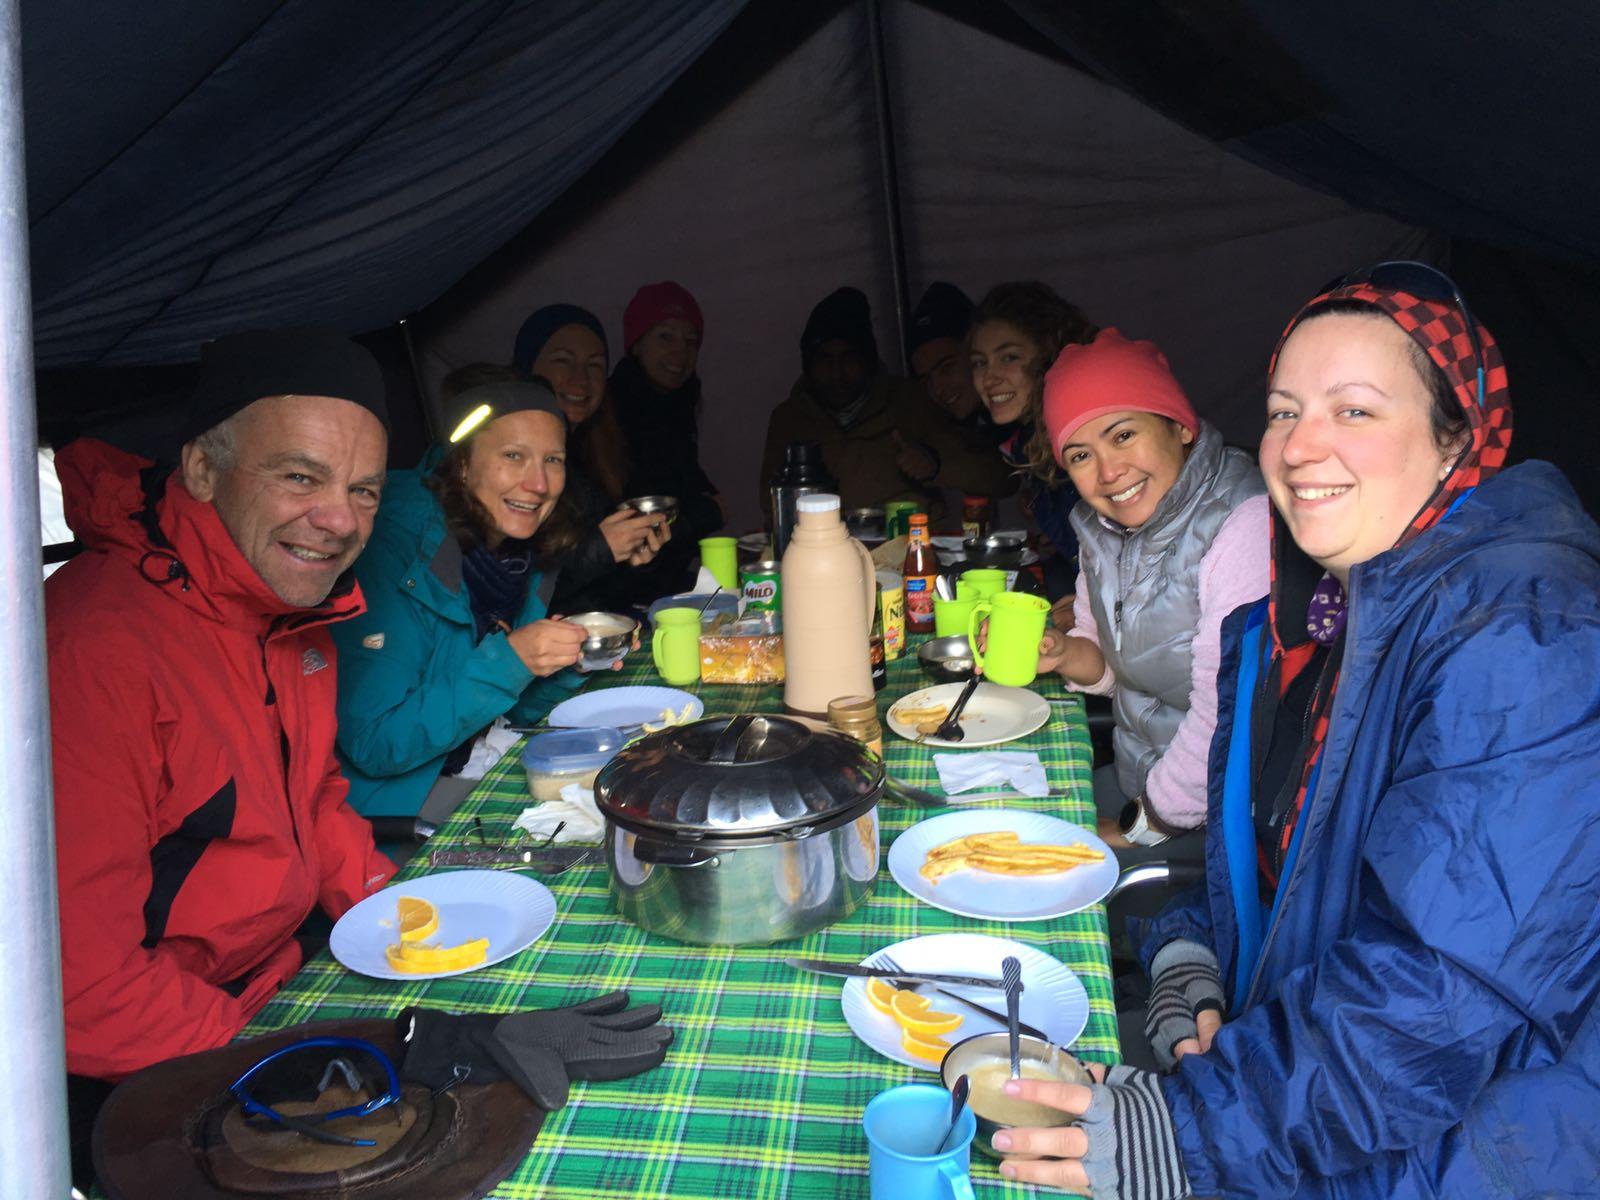 Morning Porridge - Meet the team <3